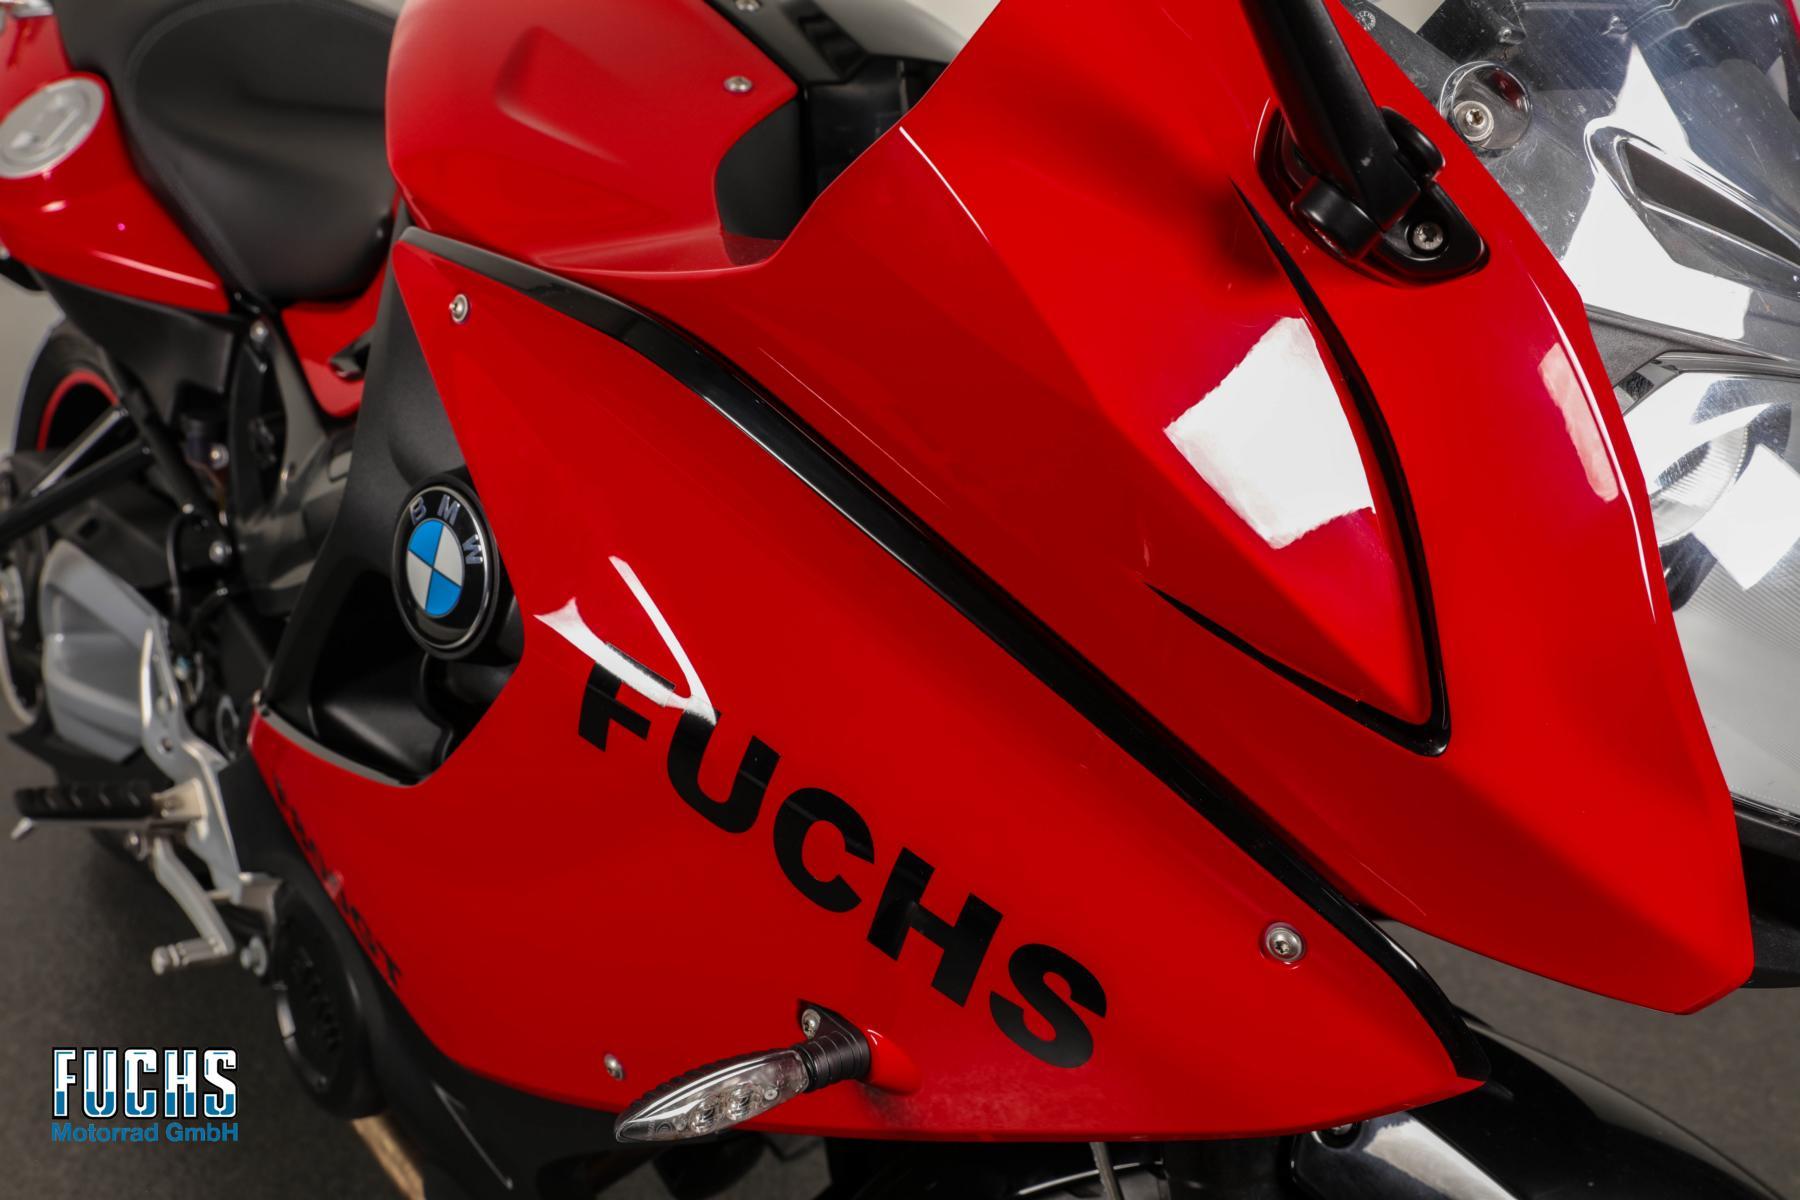 F800GT Fuchs Edition